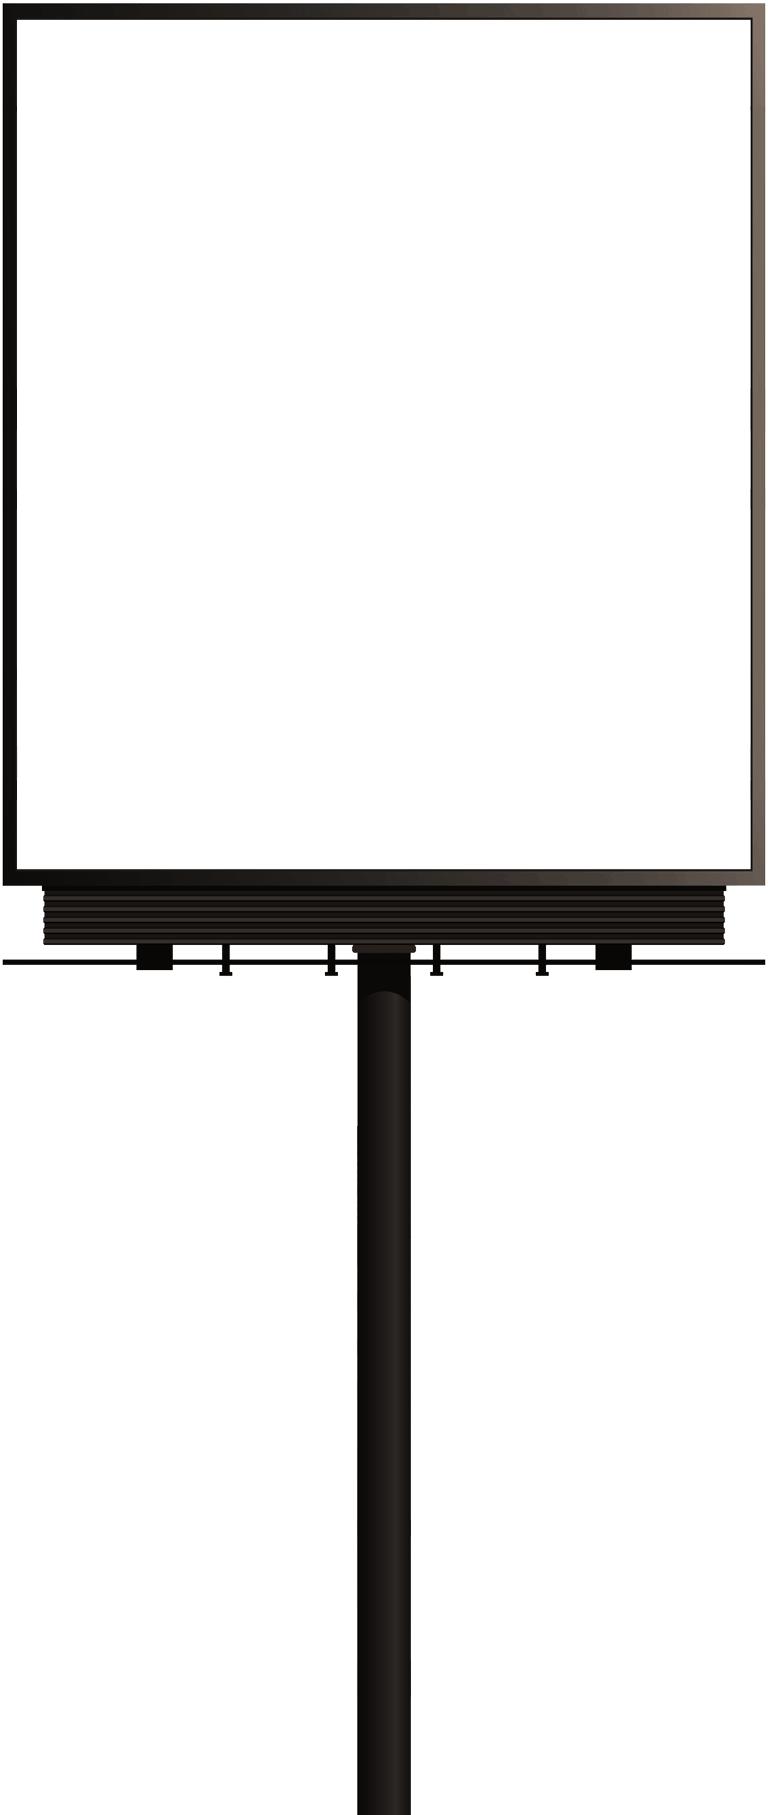 billboard billboard - Billboard PNG